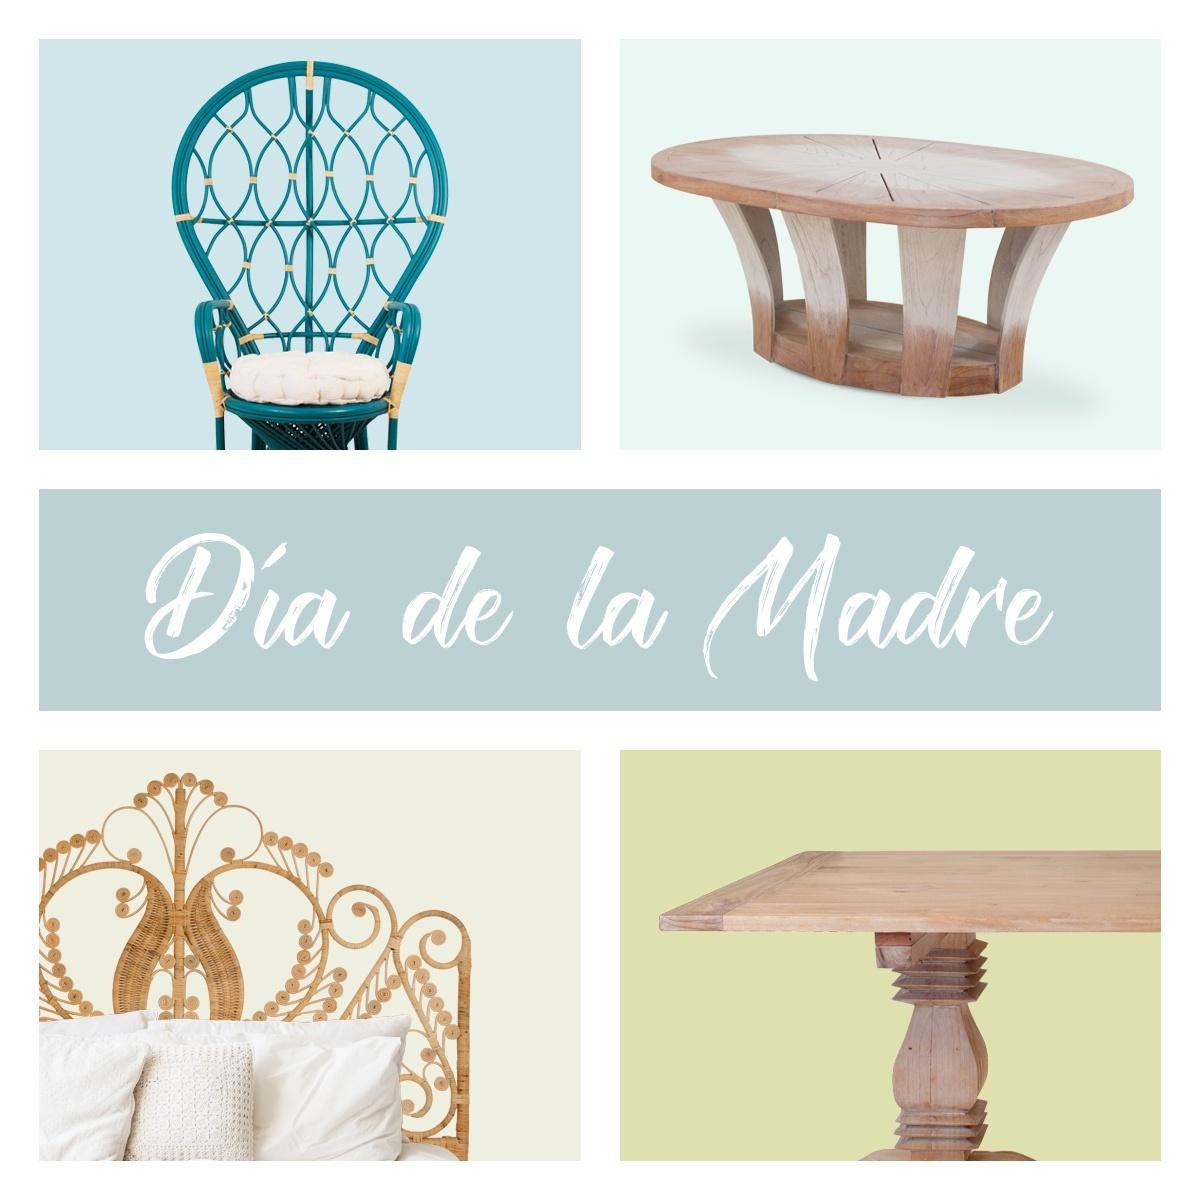 Especial Día de la Madre by Bambó Blau